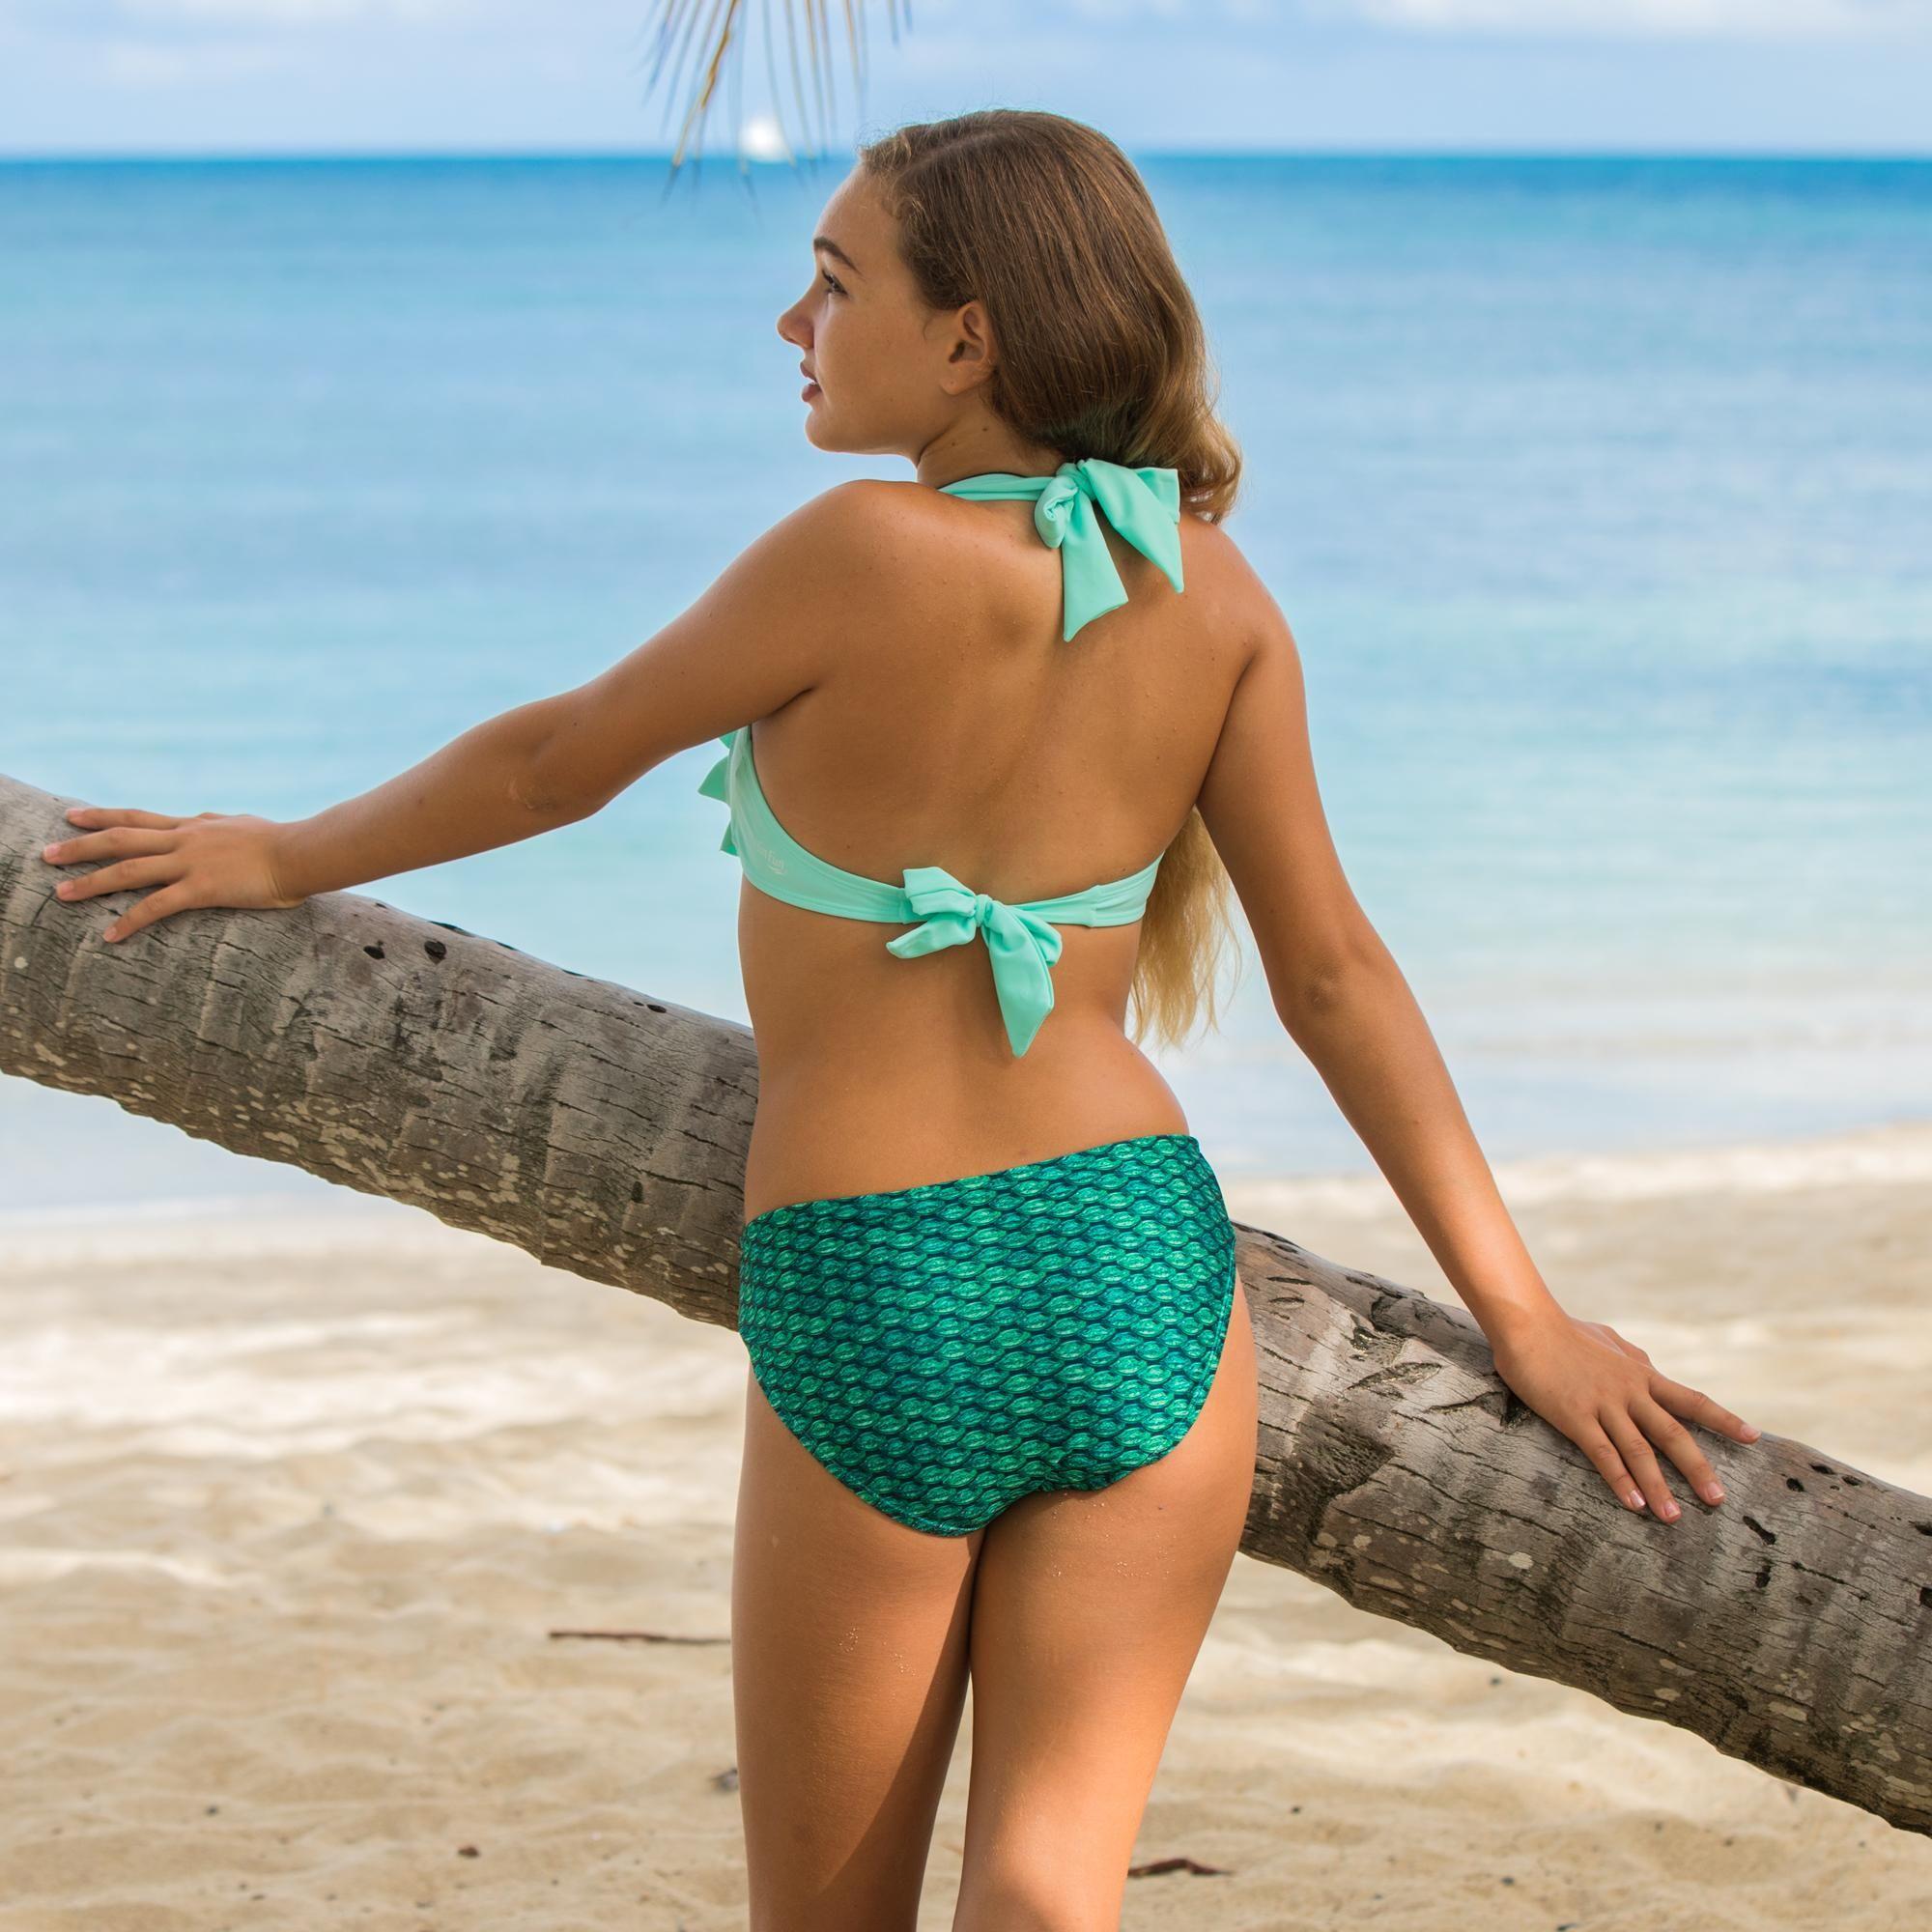 7b603027f61d Mermaid Sea Wave Bikini Top in Mint Green